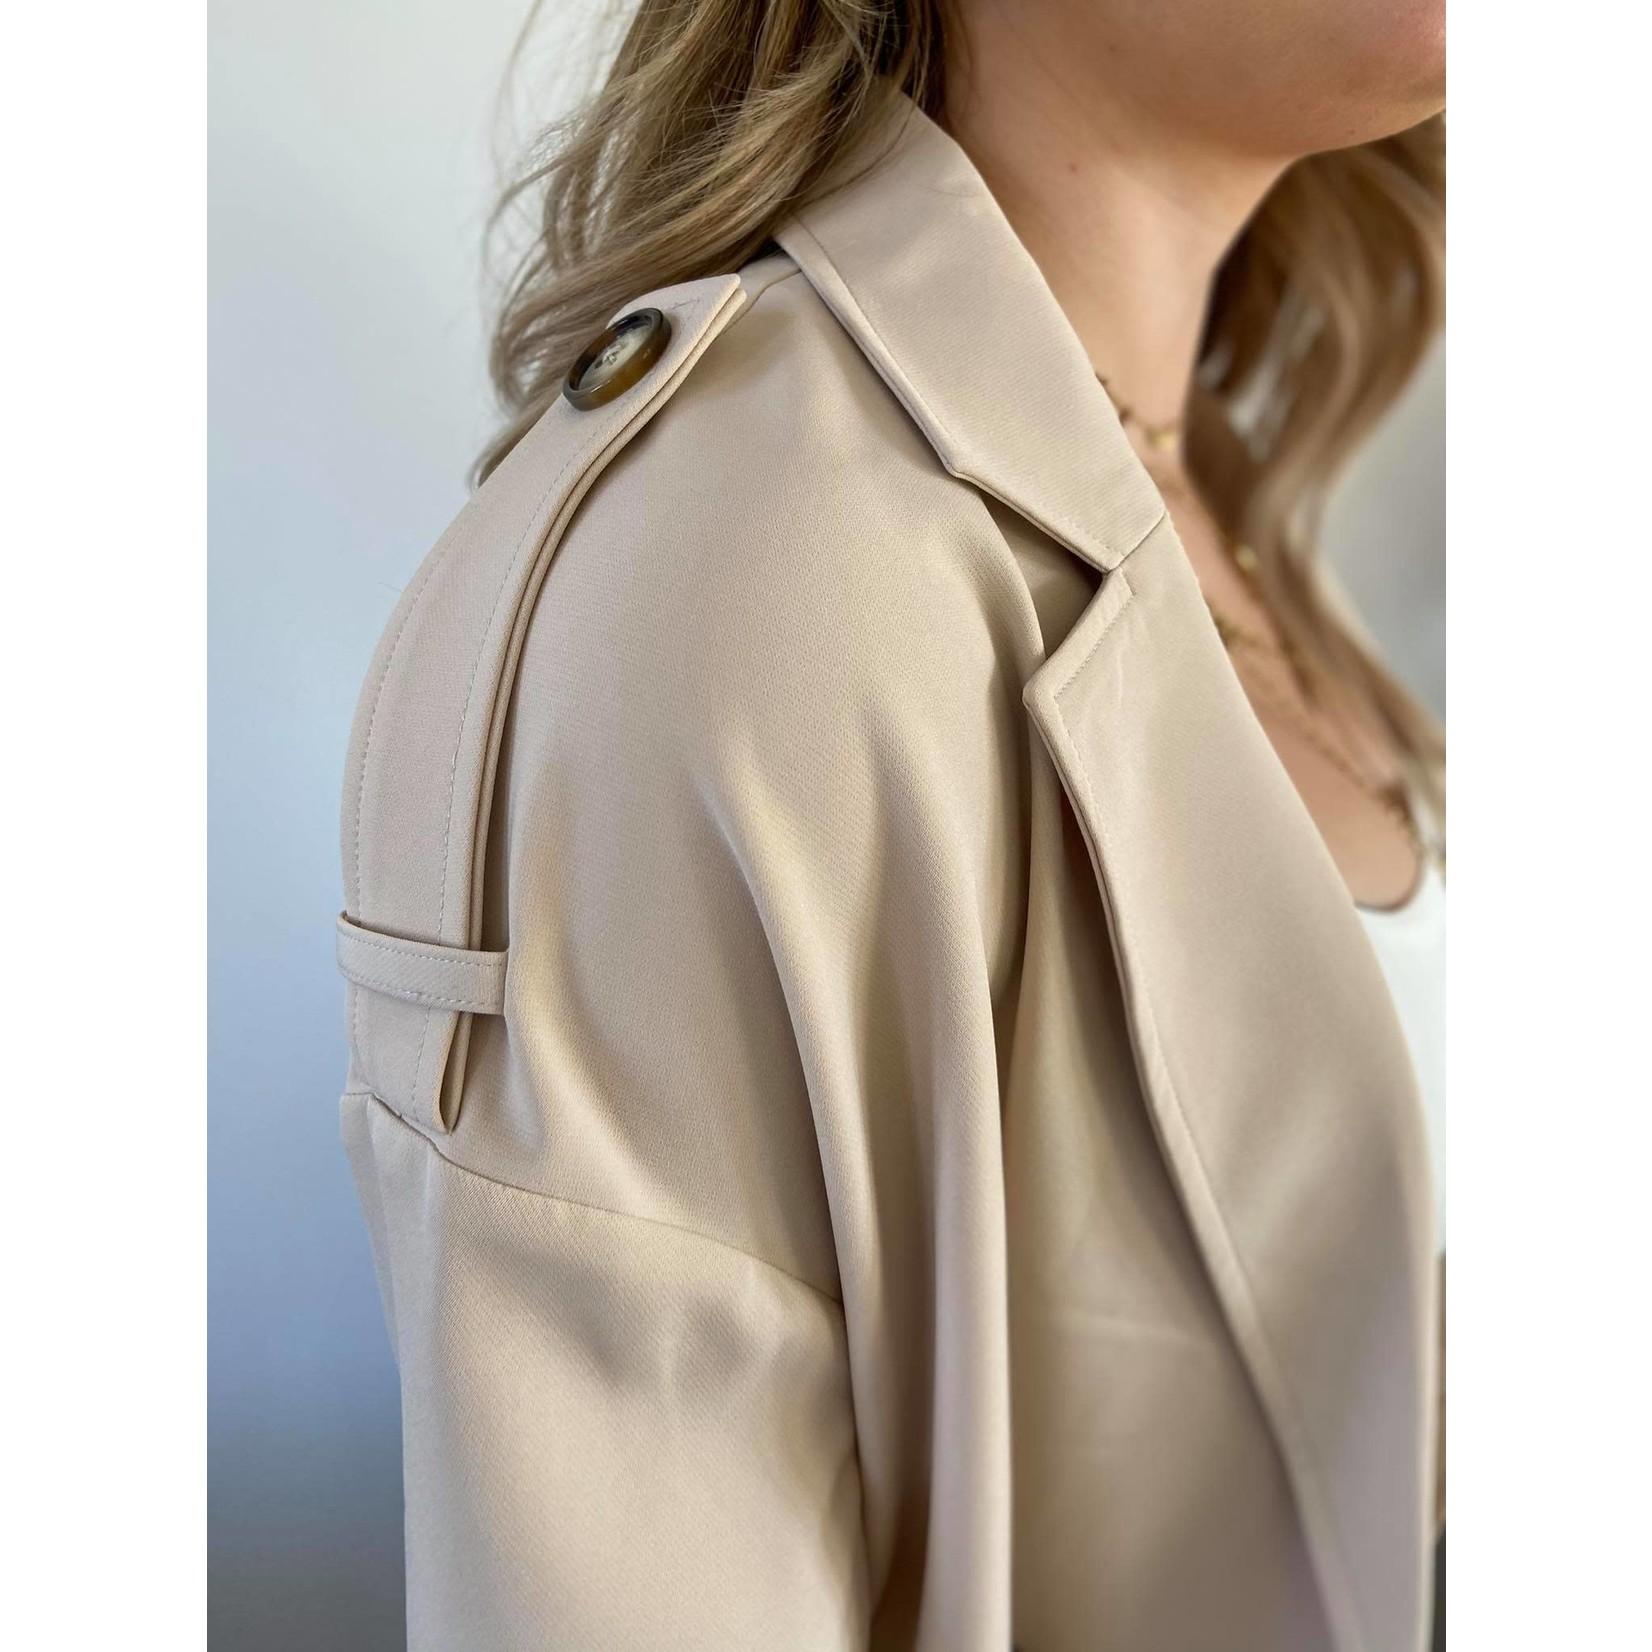 CLEO TRENCH COAT beige